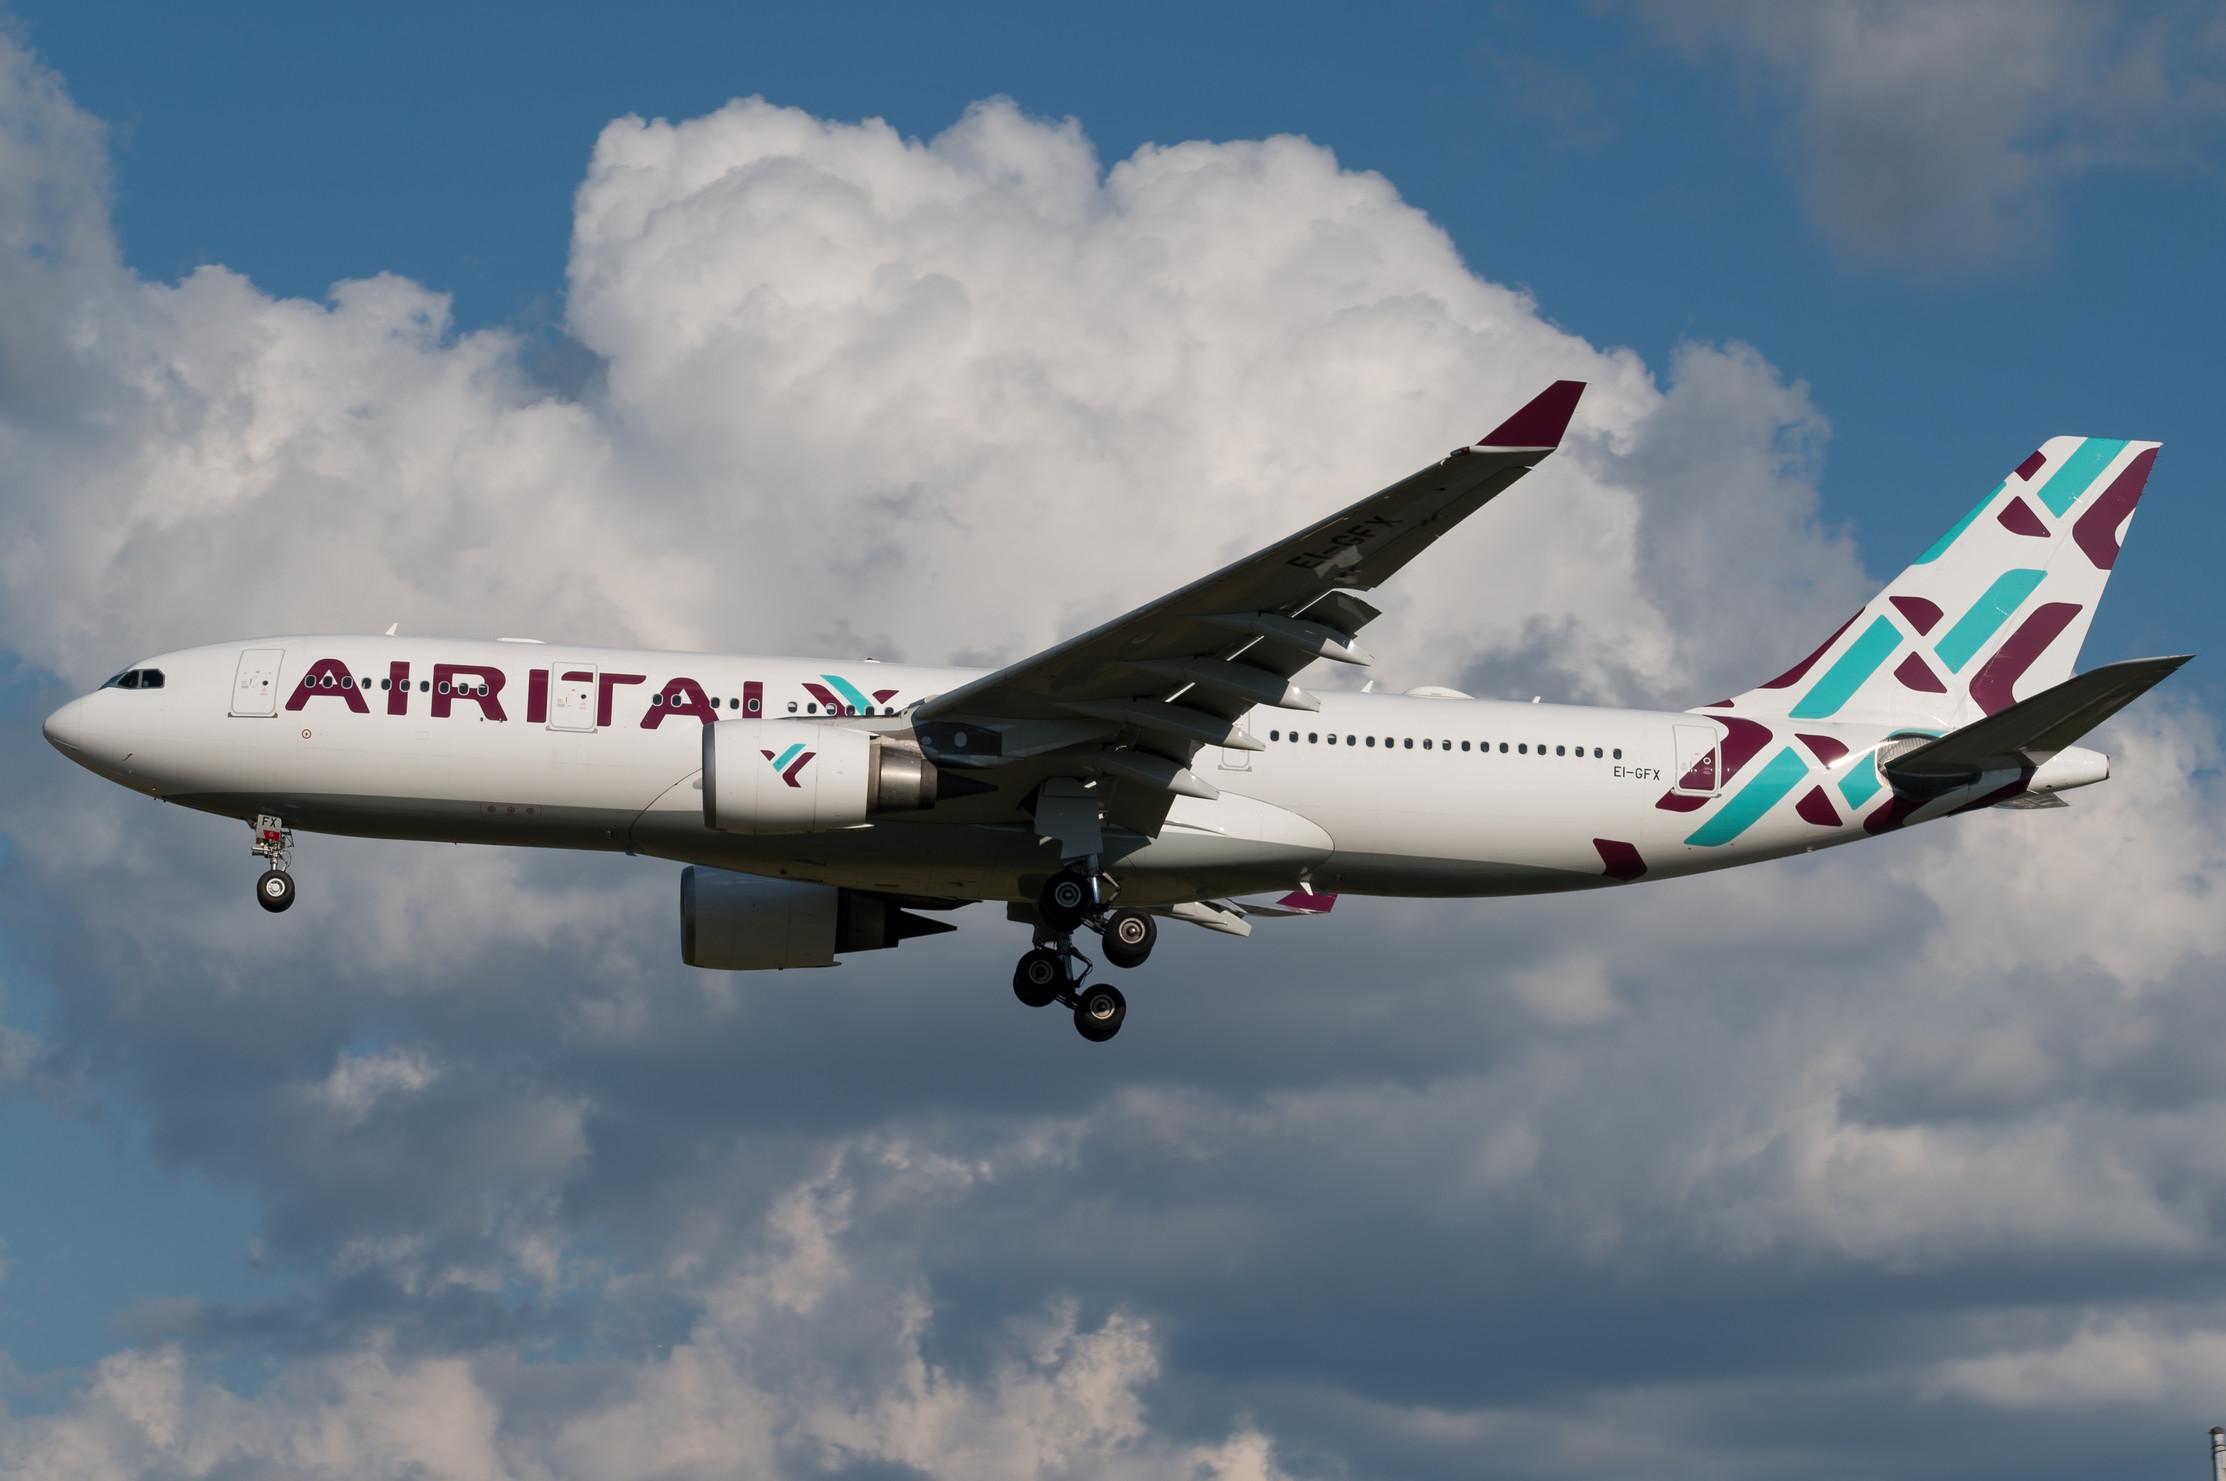 """Air Italy, i soci decidono all'unanimità la liquidazione. De Micheli: """"Inaccettabile, subito incontro"""""""